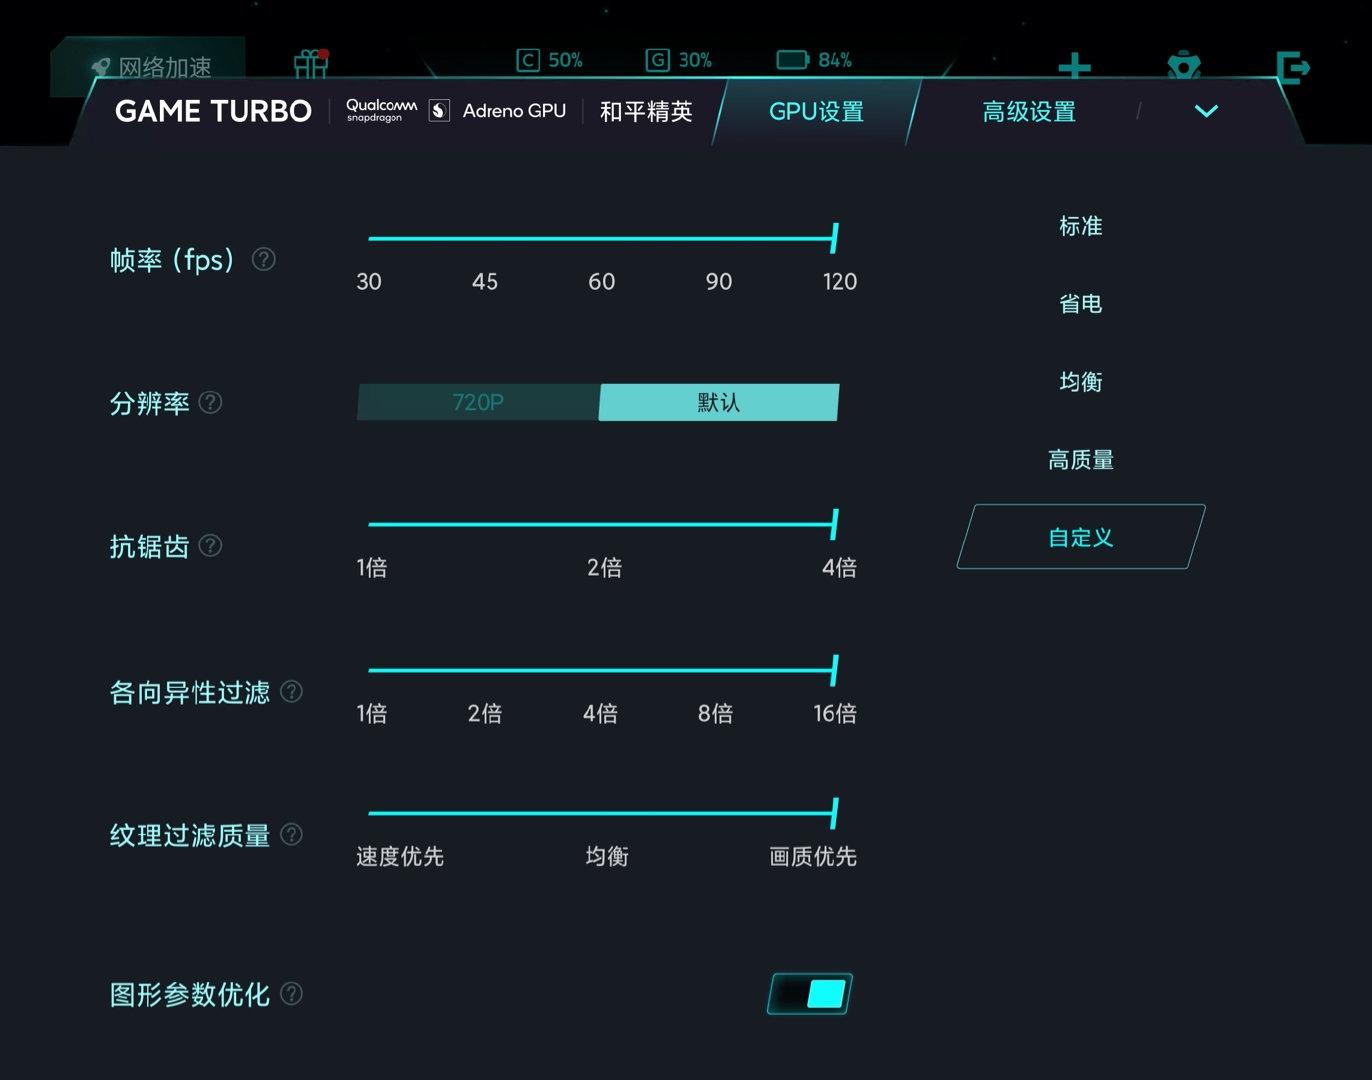 小米10/Pro即将升级 手机也能拥有PC级画面参数设